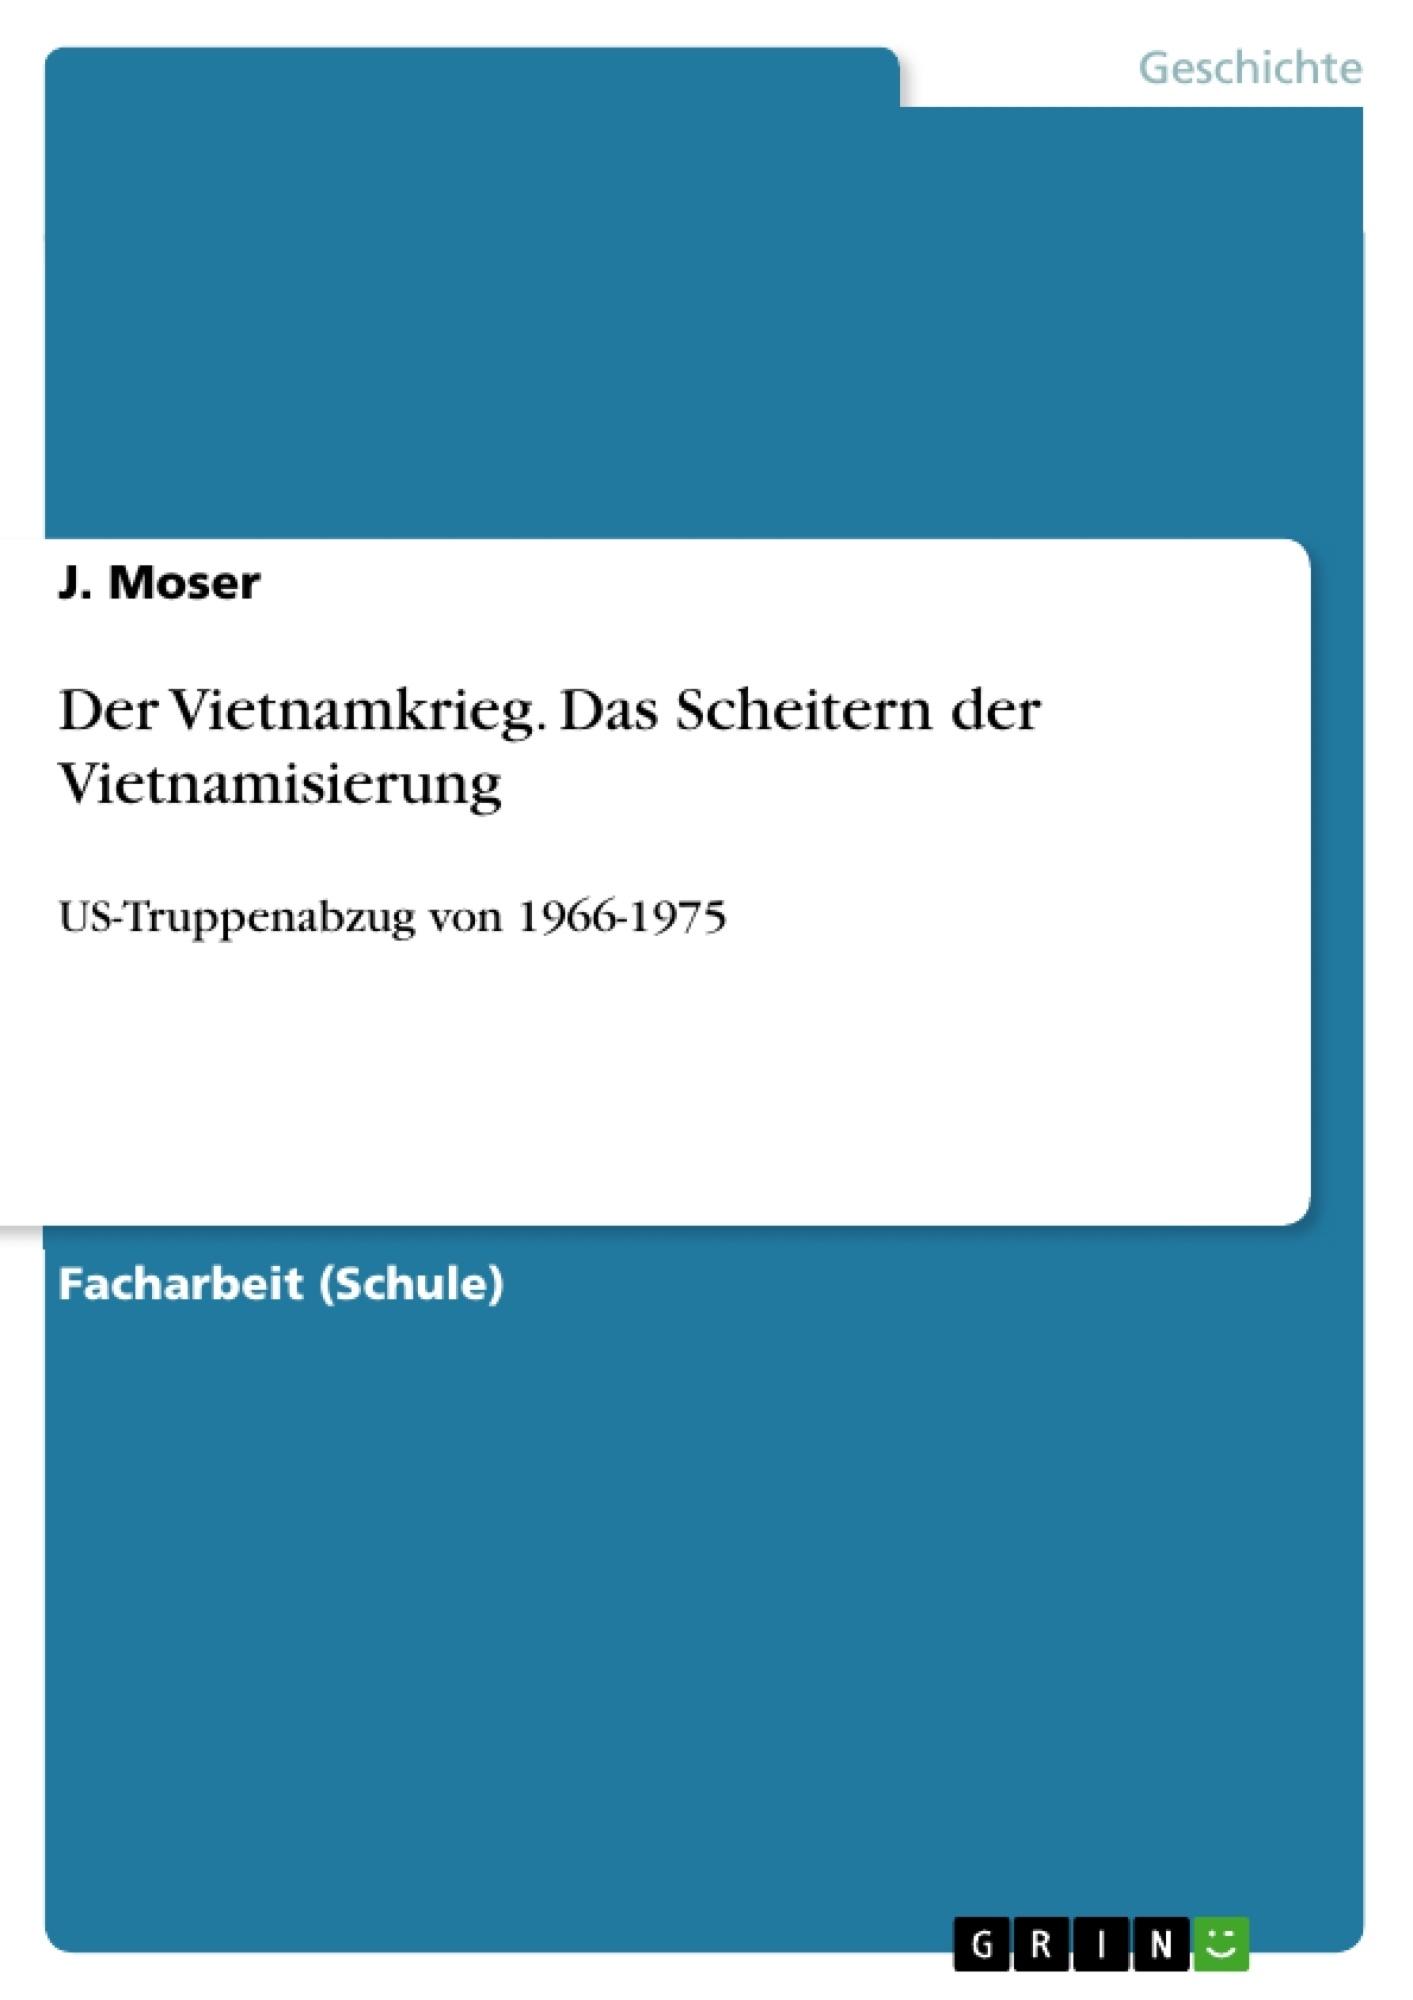 Titel: Der Vietnamkrieg. Das Scheitern der Vietnamisierung